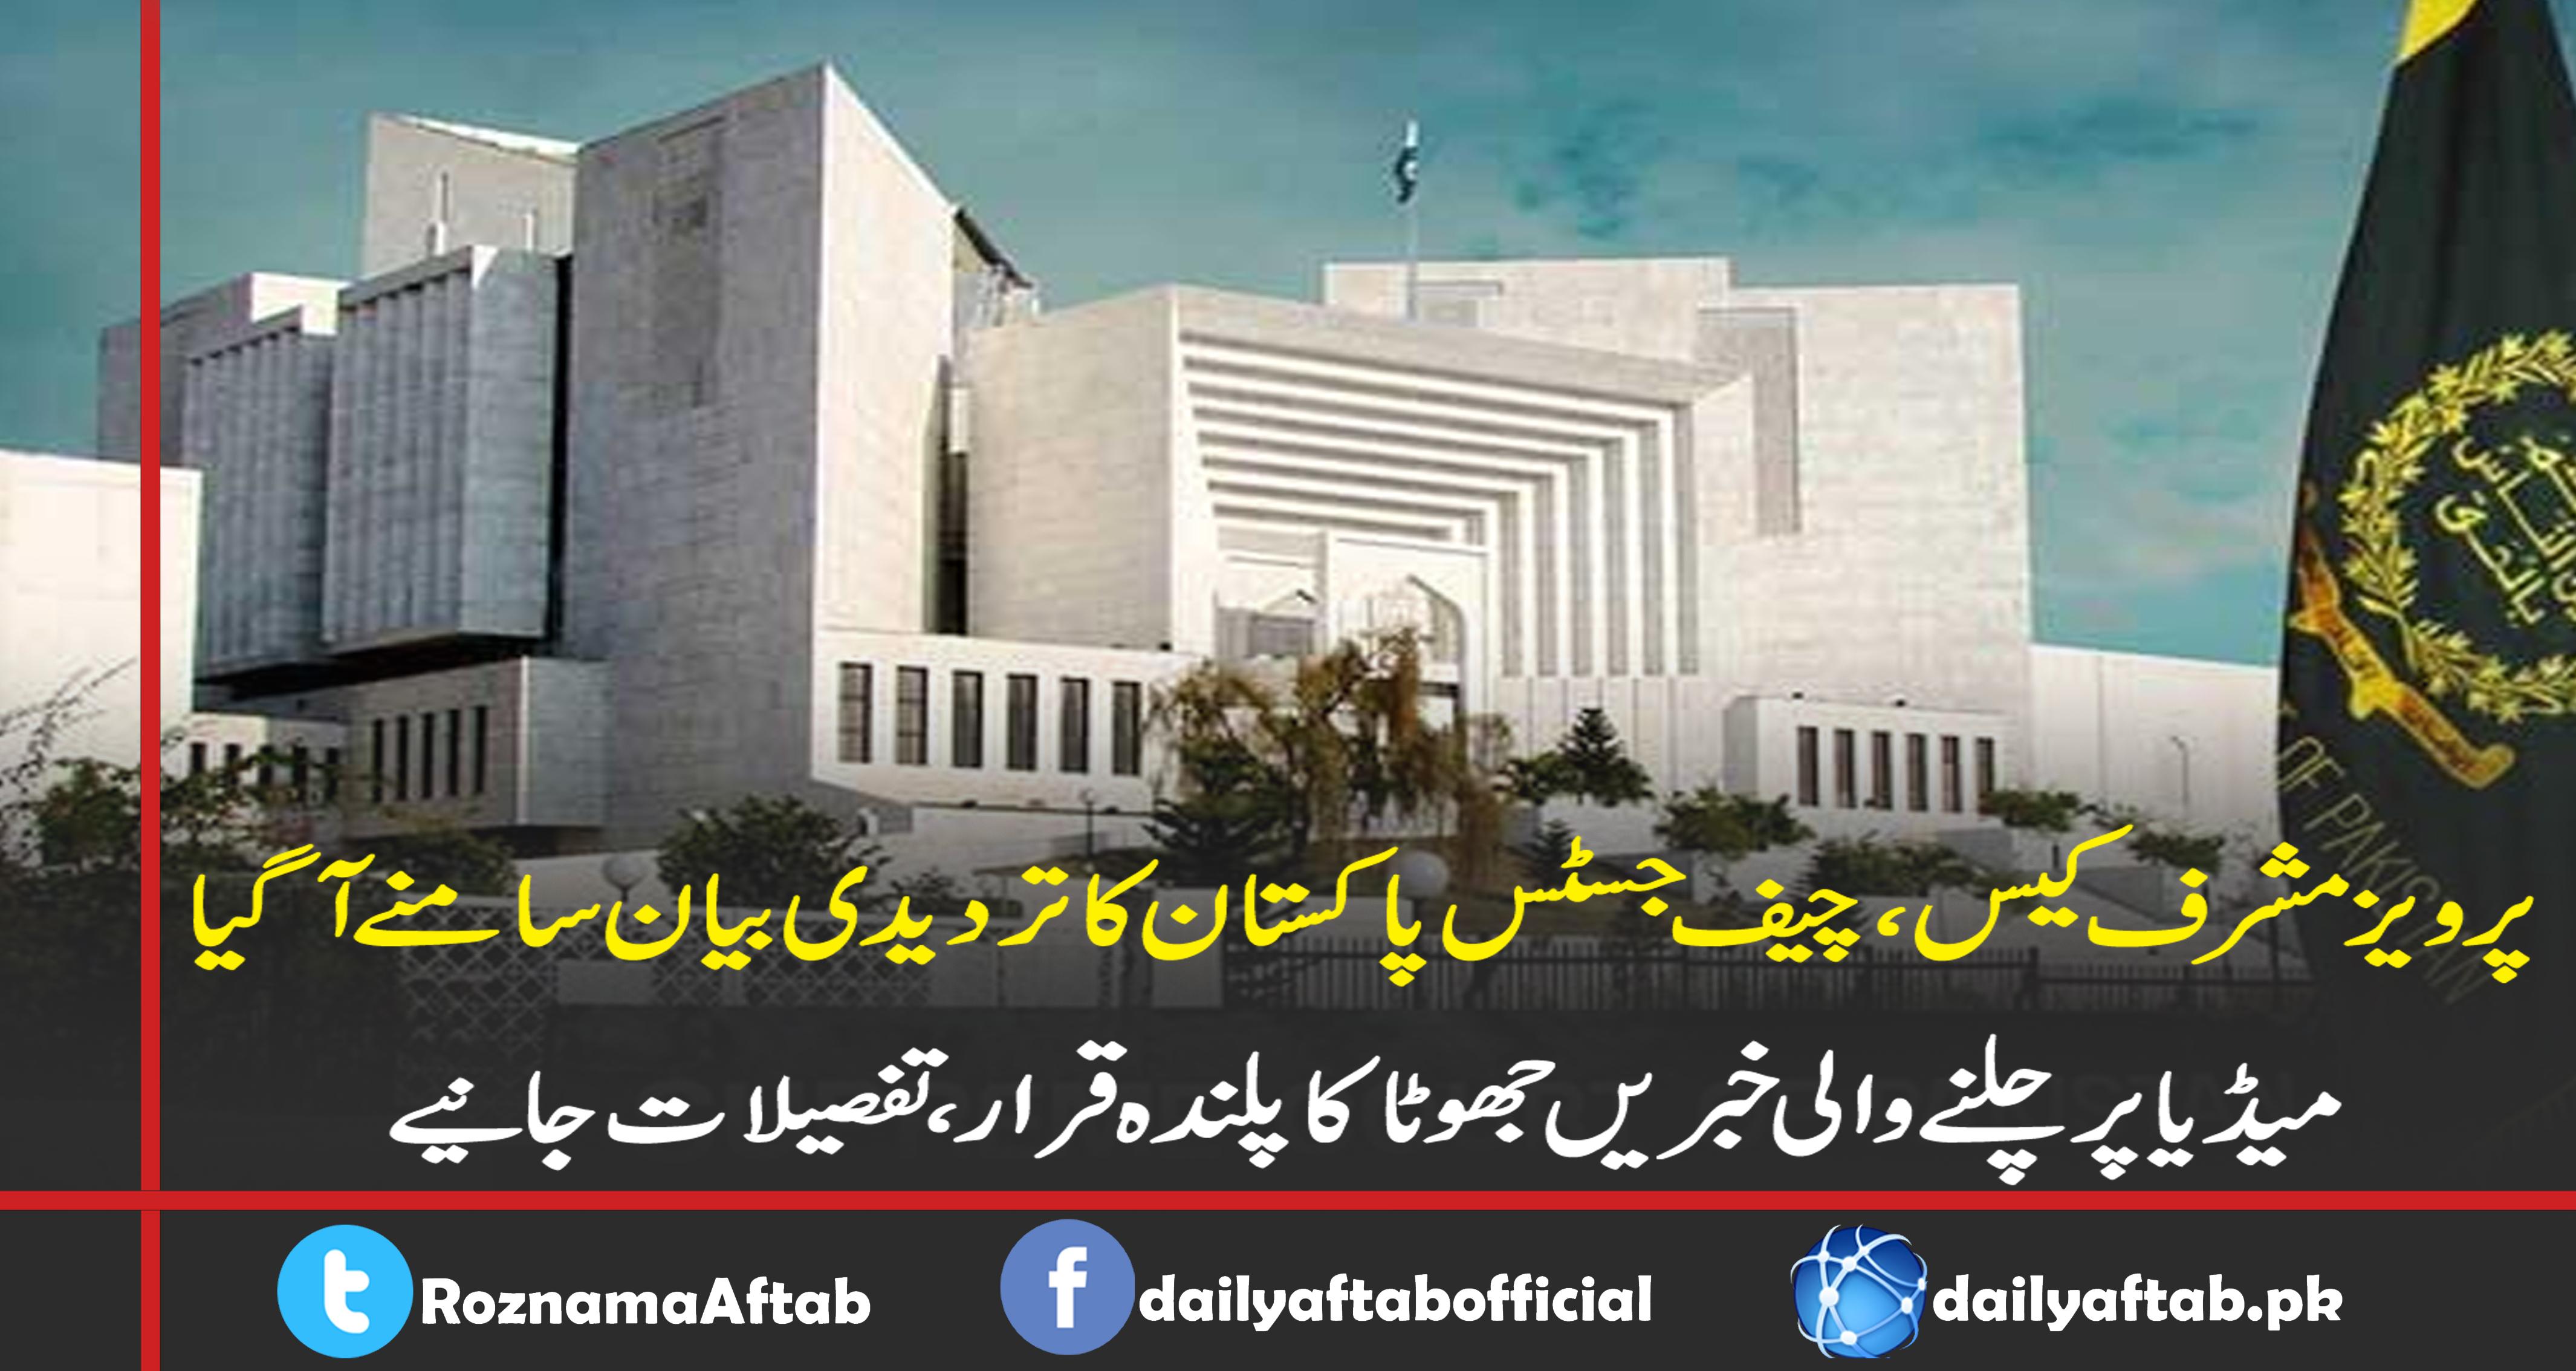 پرویزمشرف, چیف جسٹس پاکستان, تردید